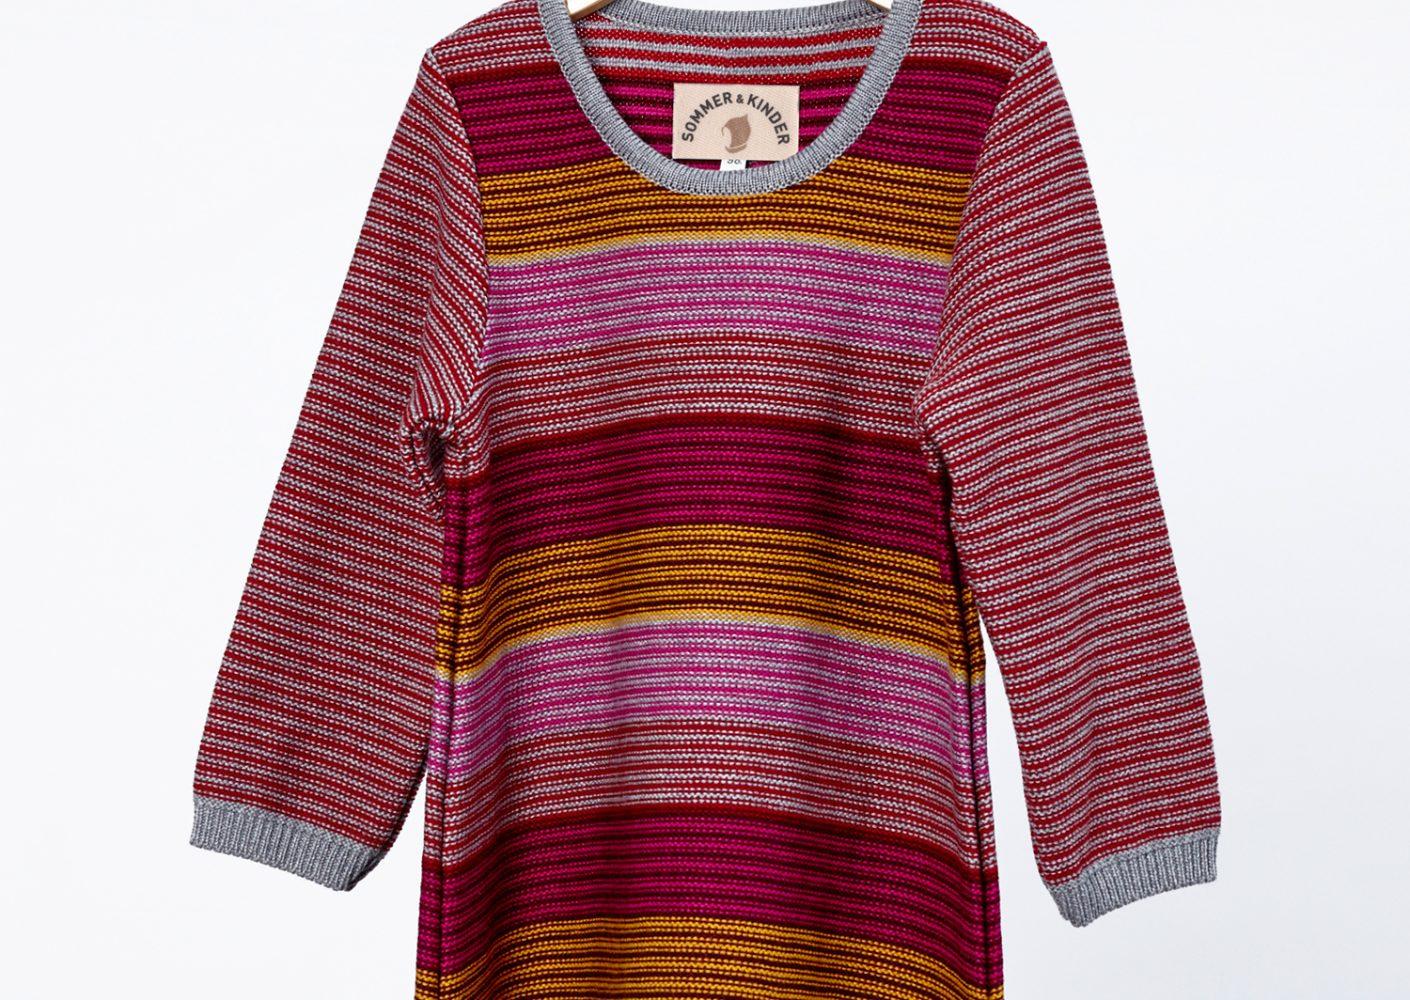 Kinderstrickkleid_109